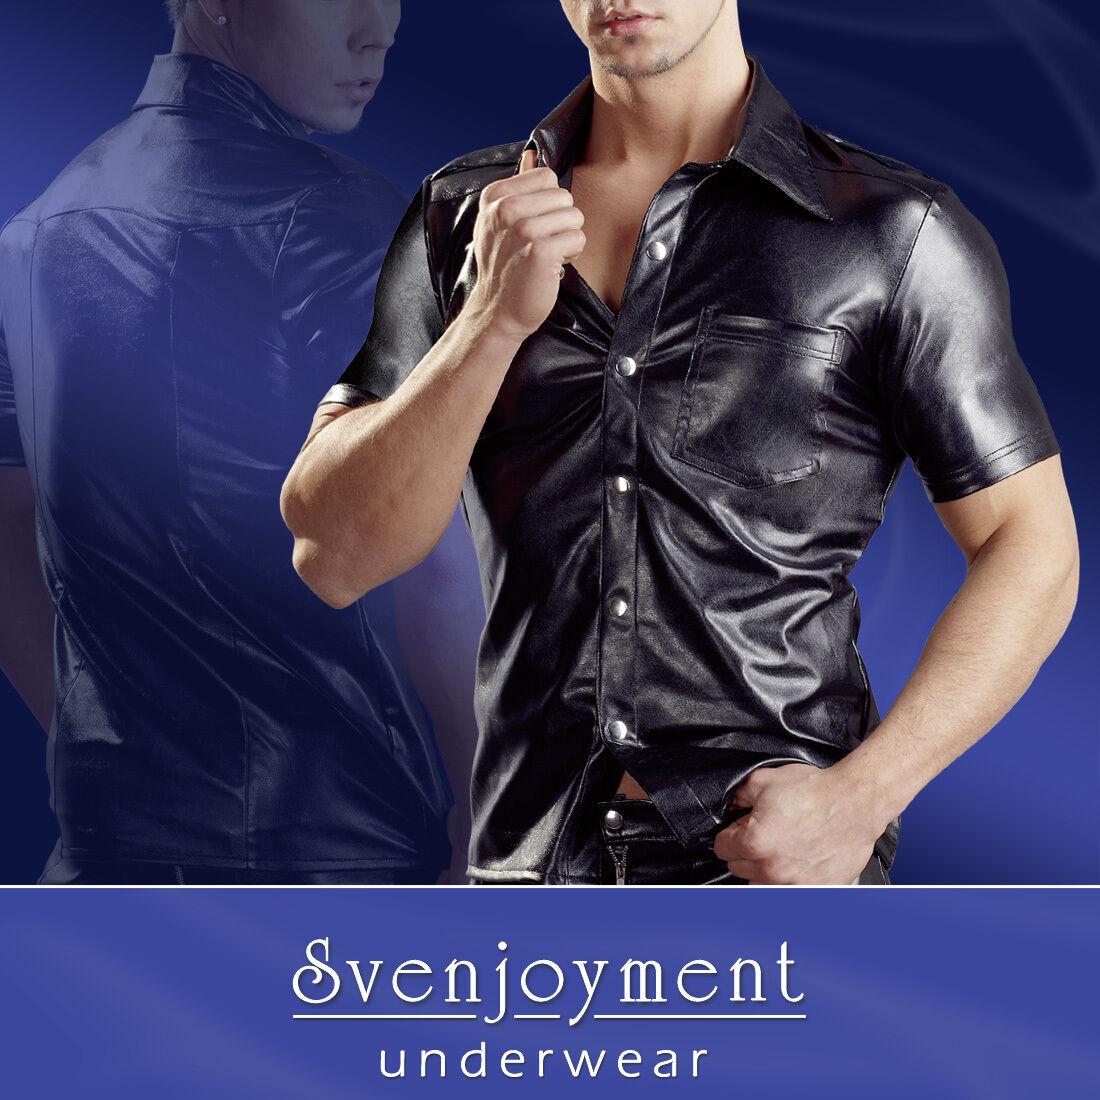 Herren Uniform Shirt  -  ♥♥♥♥ Erotikshop Männer Dessous Unterwäsche Herrenslip